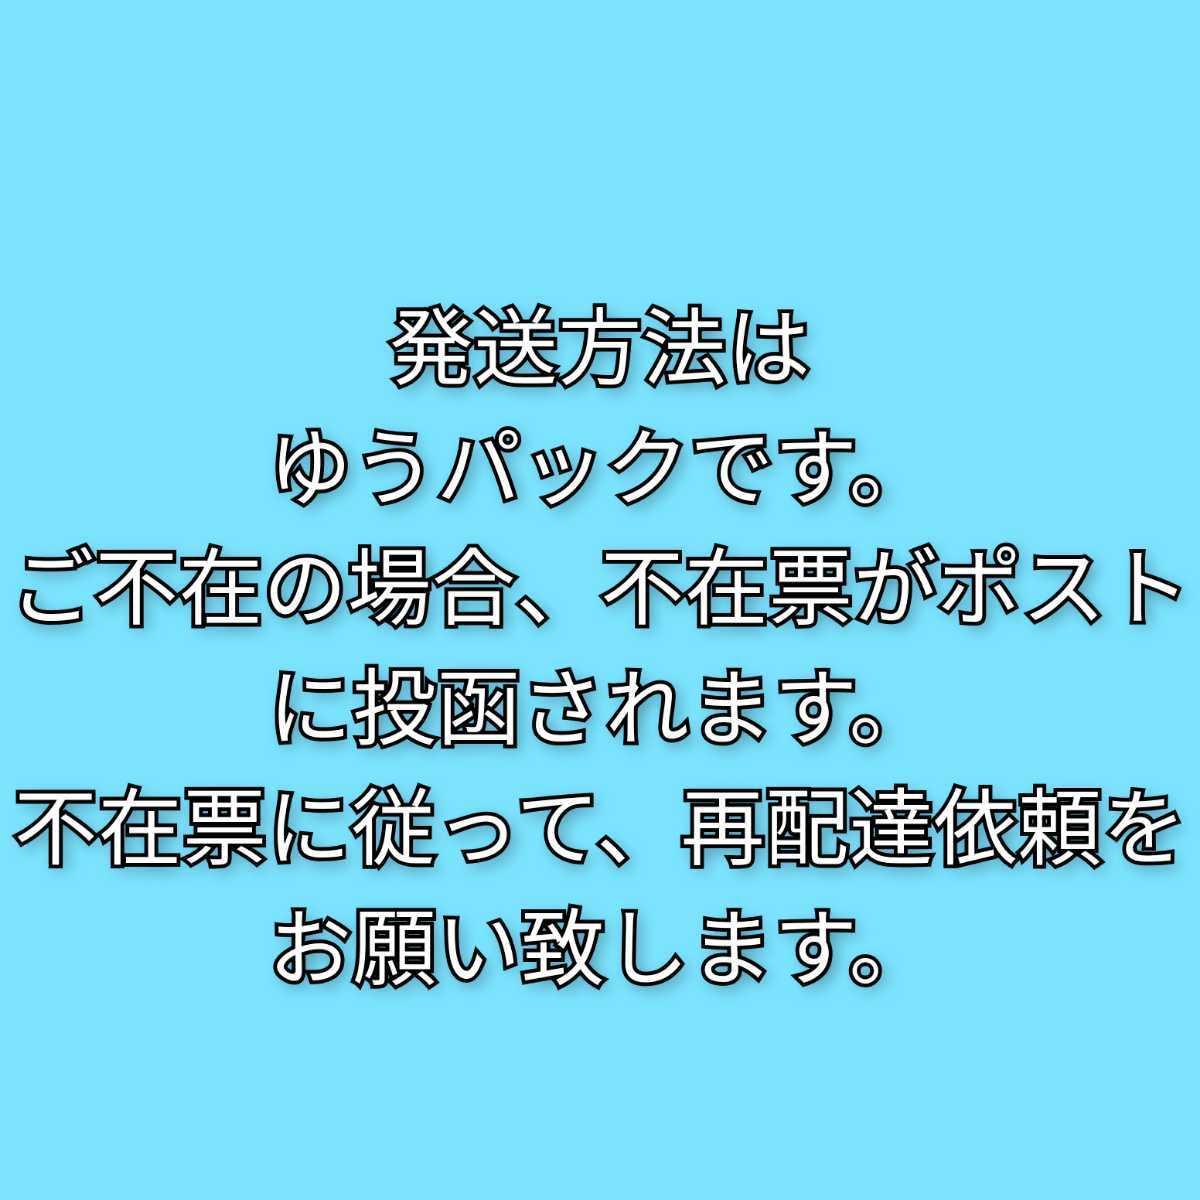 澤井珈琲 ブレンドフォルテシモ 80袋 ドリップコーヒー ドリップバッグ 送料無料